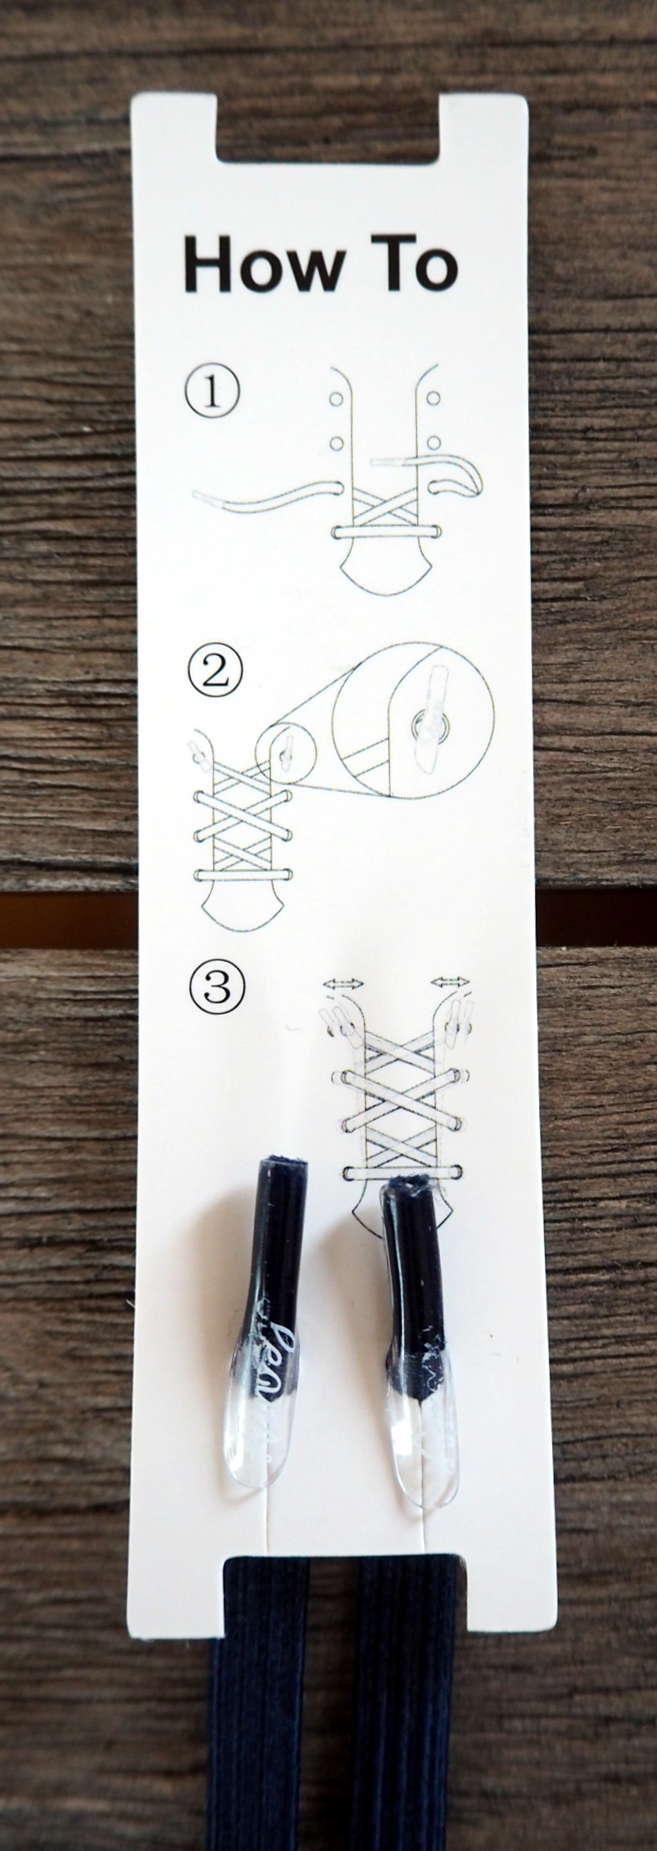 Schnürsenkel ohne Schleife | Ein leazy Test | der Jogger